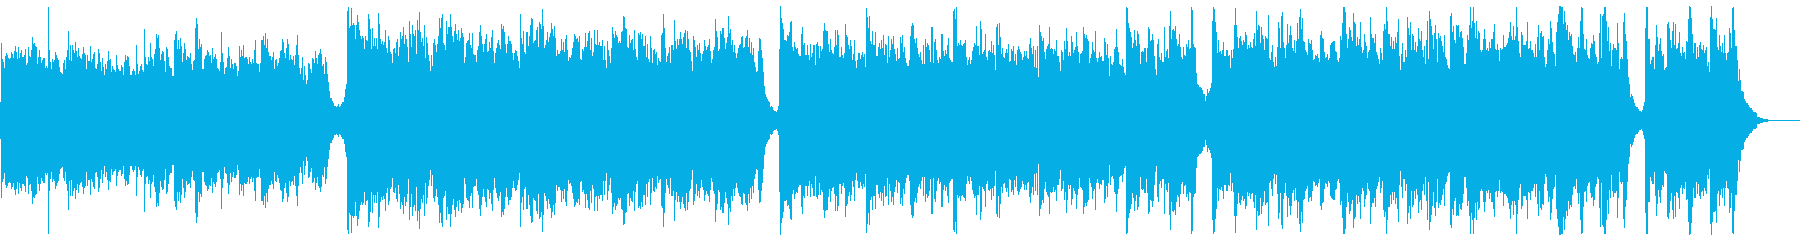 知的なシネマティックピアノ:メロディ無の再生済みの波形